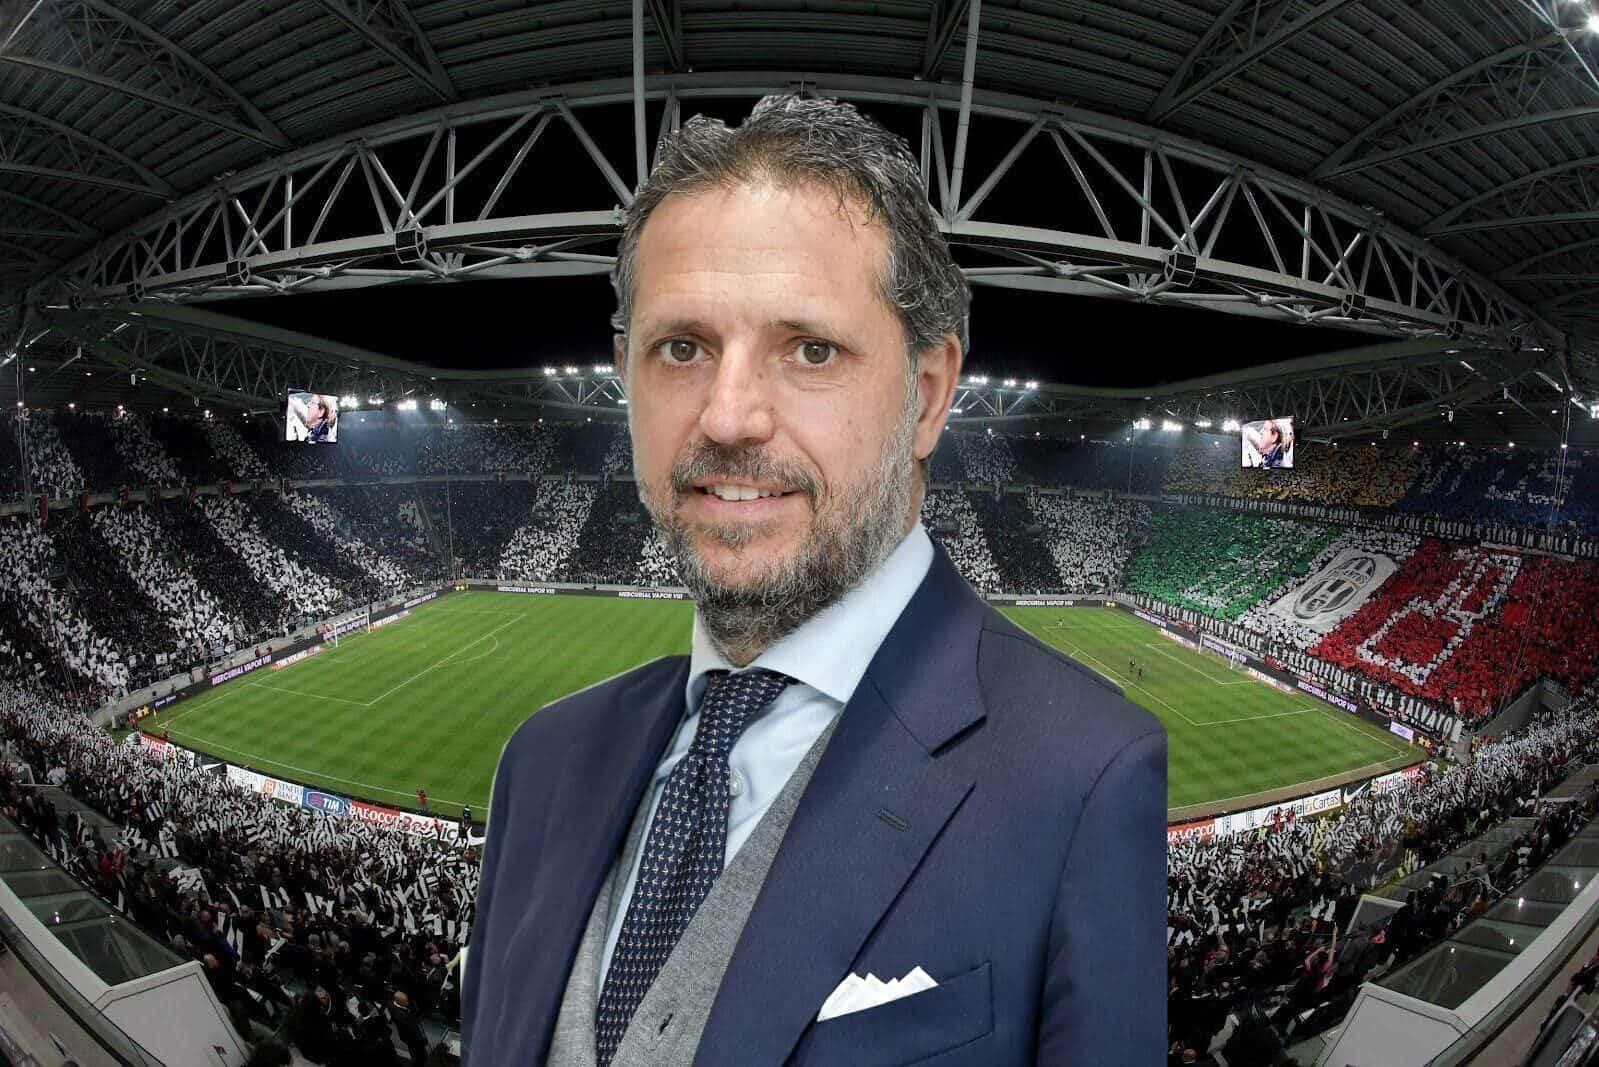 Calciomercato Juventus, Paratici mette nel mirino il talento del Bologna